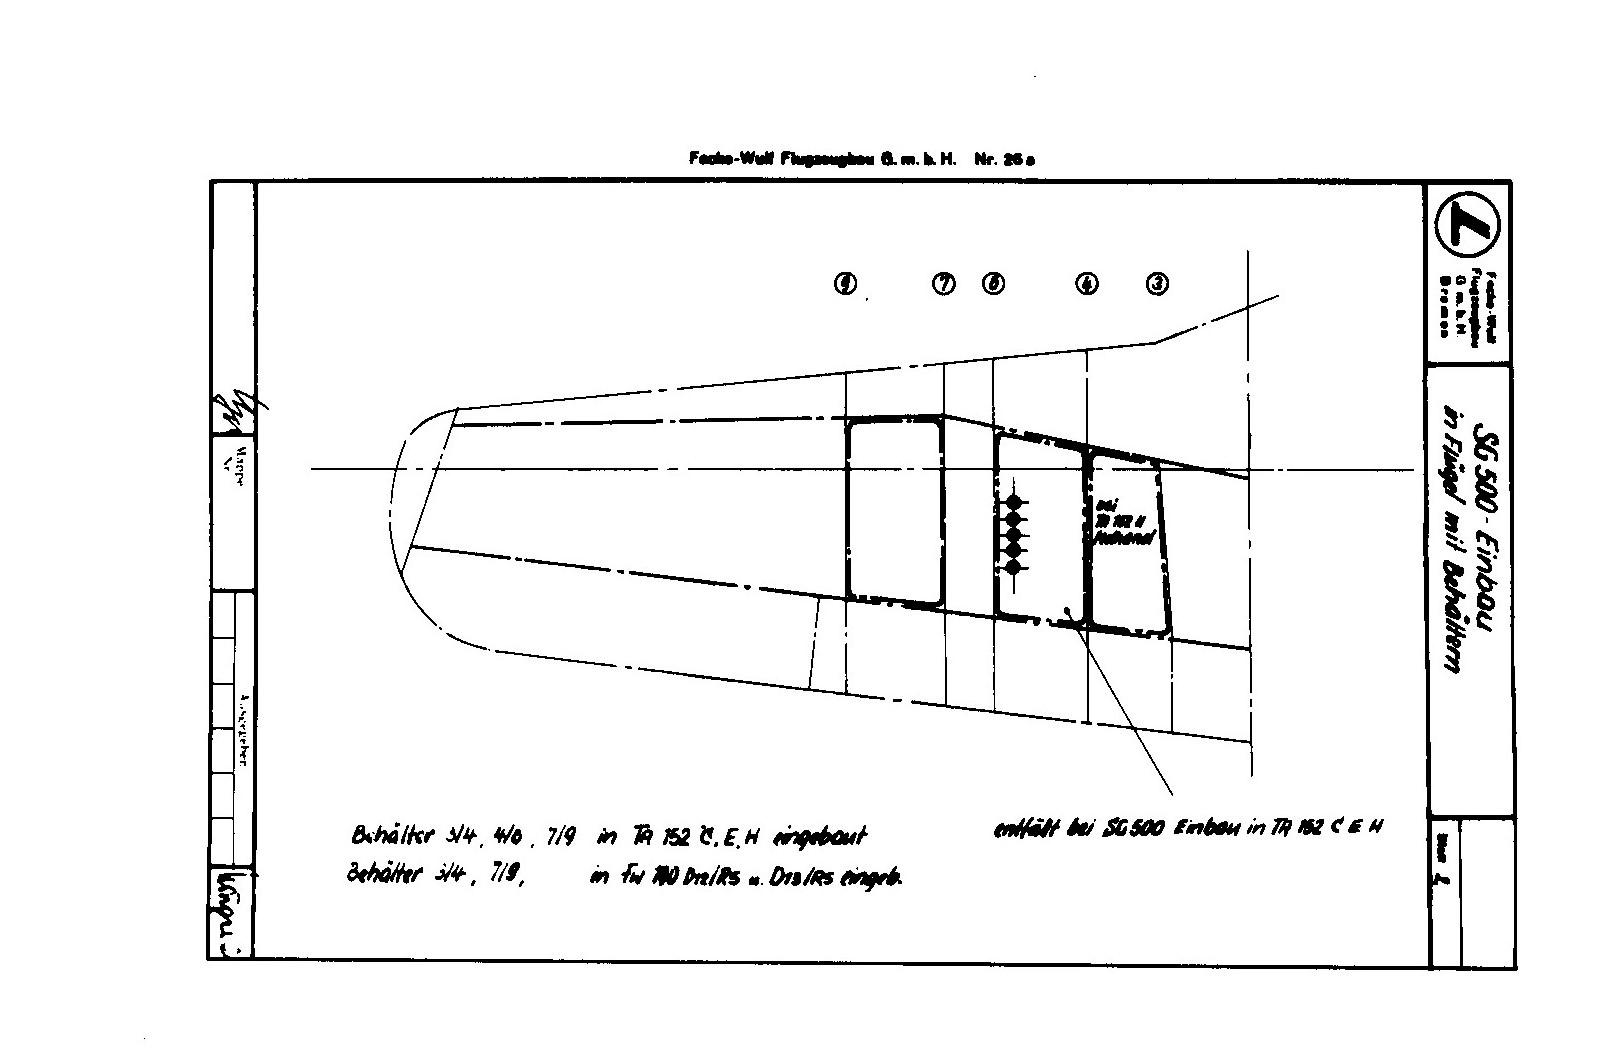 Einbau von 5 SG 500 in Ta 152 C und H Flügel (Projekt)